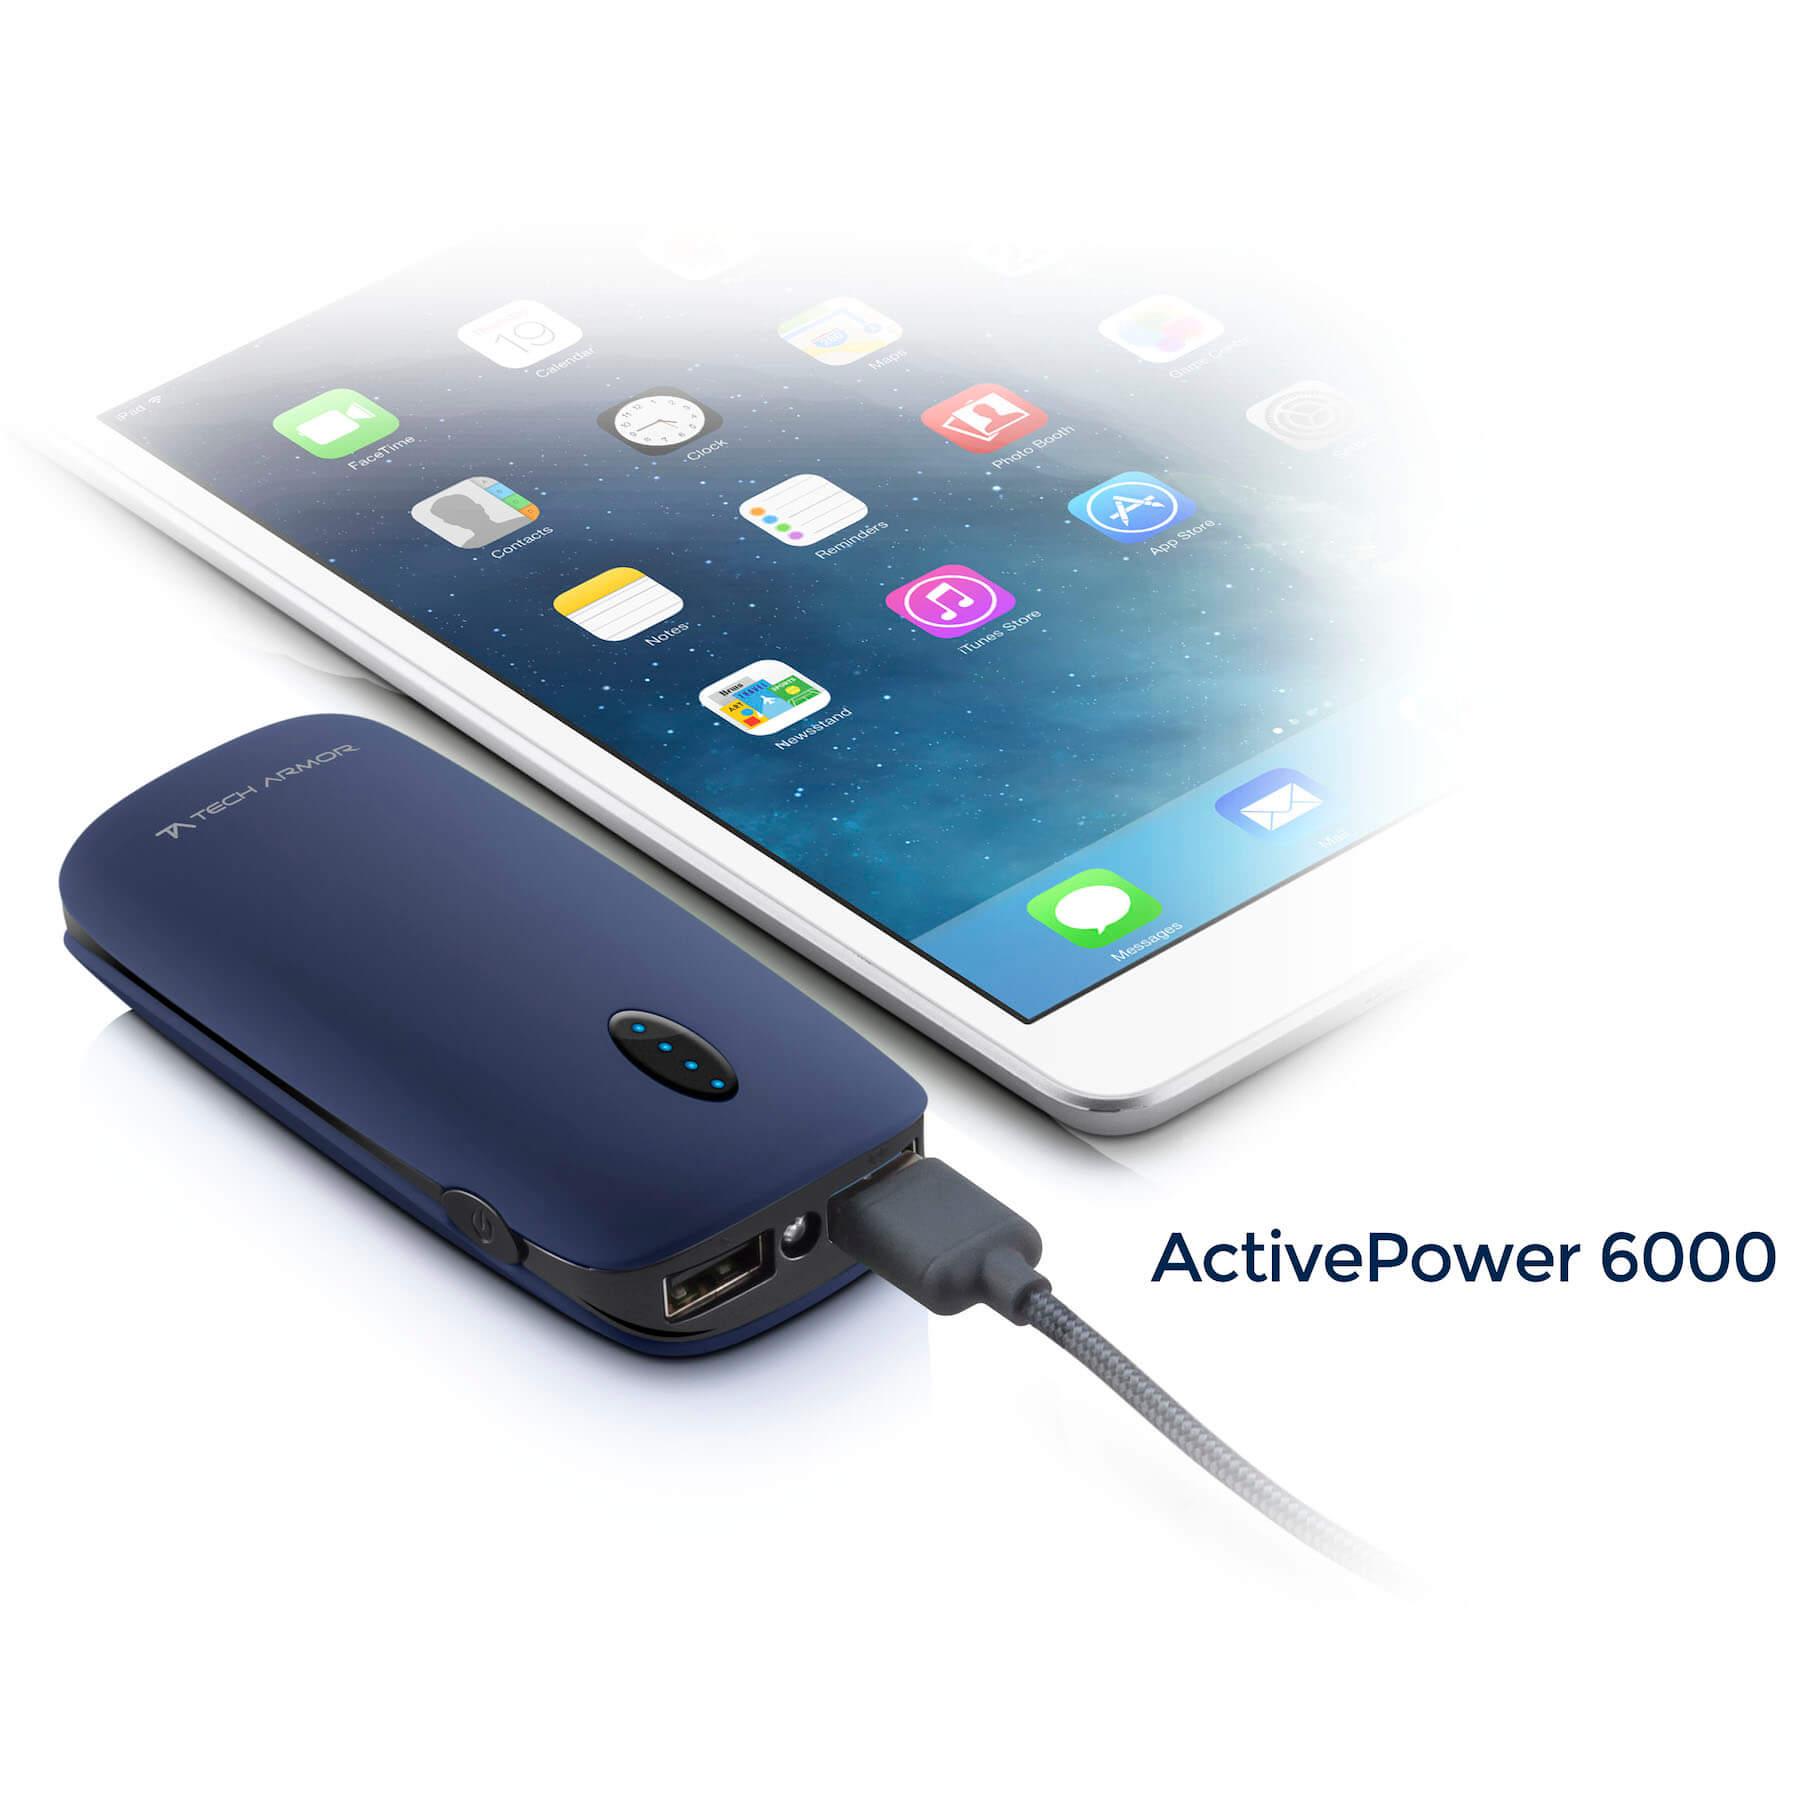 ACTIVEPOWER 6000